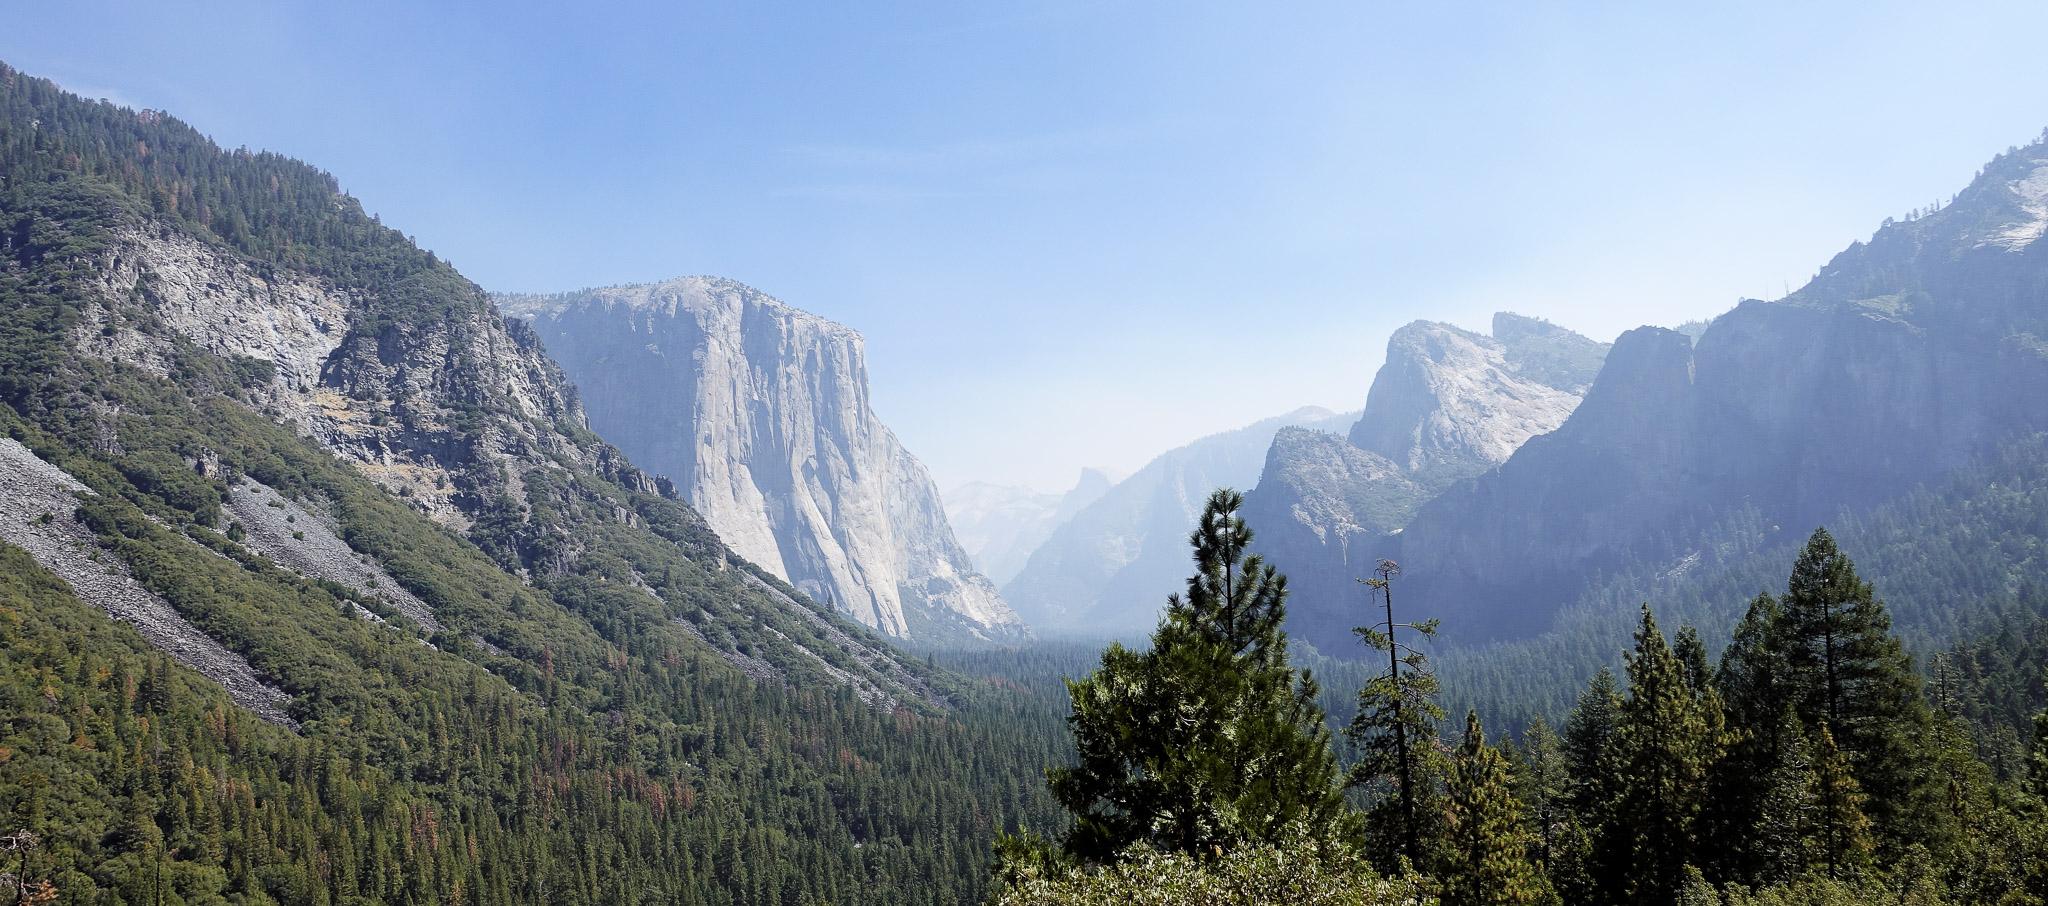 Yosemite-2015-2.jpg